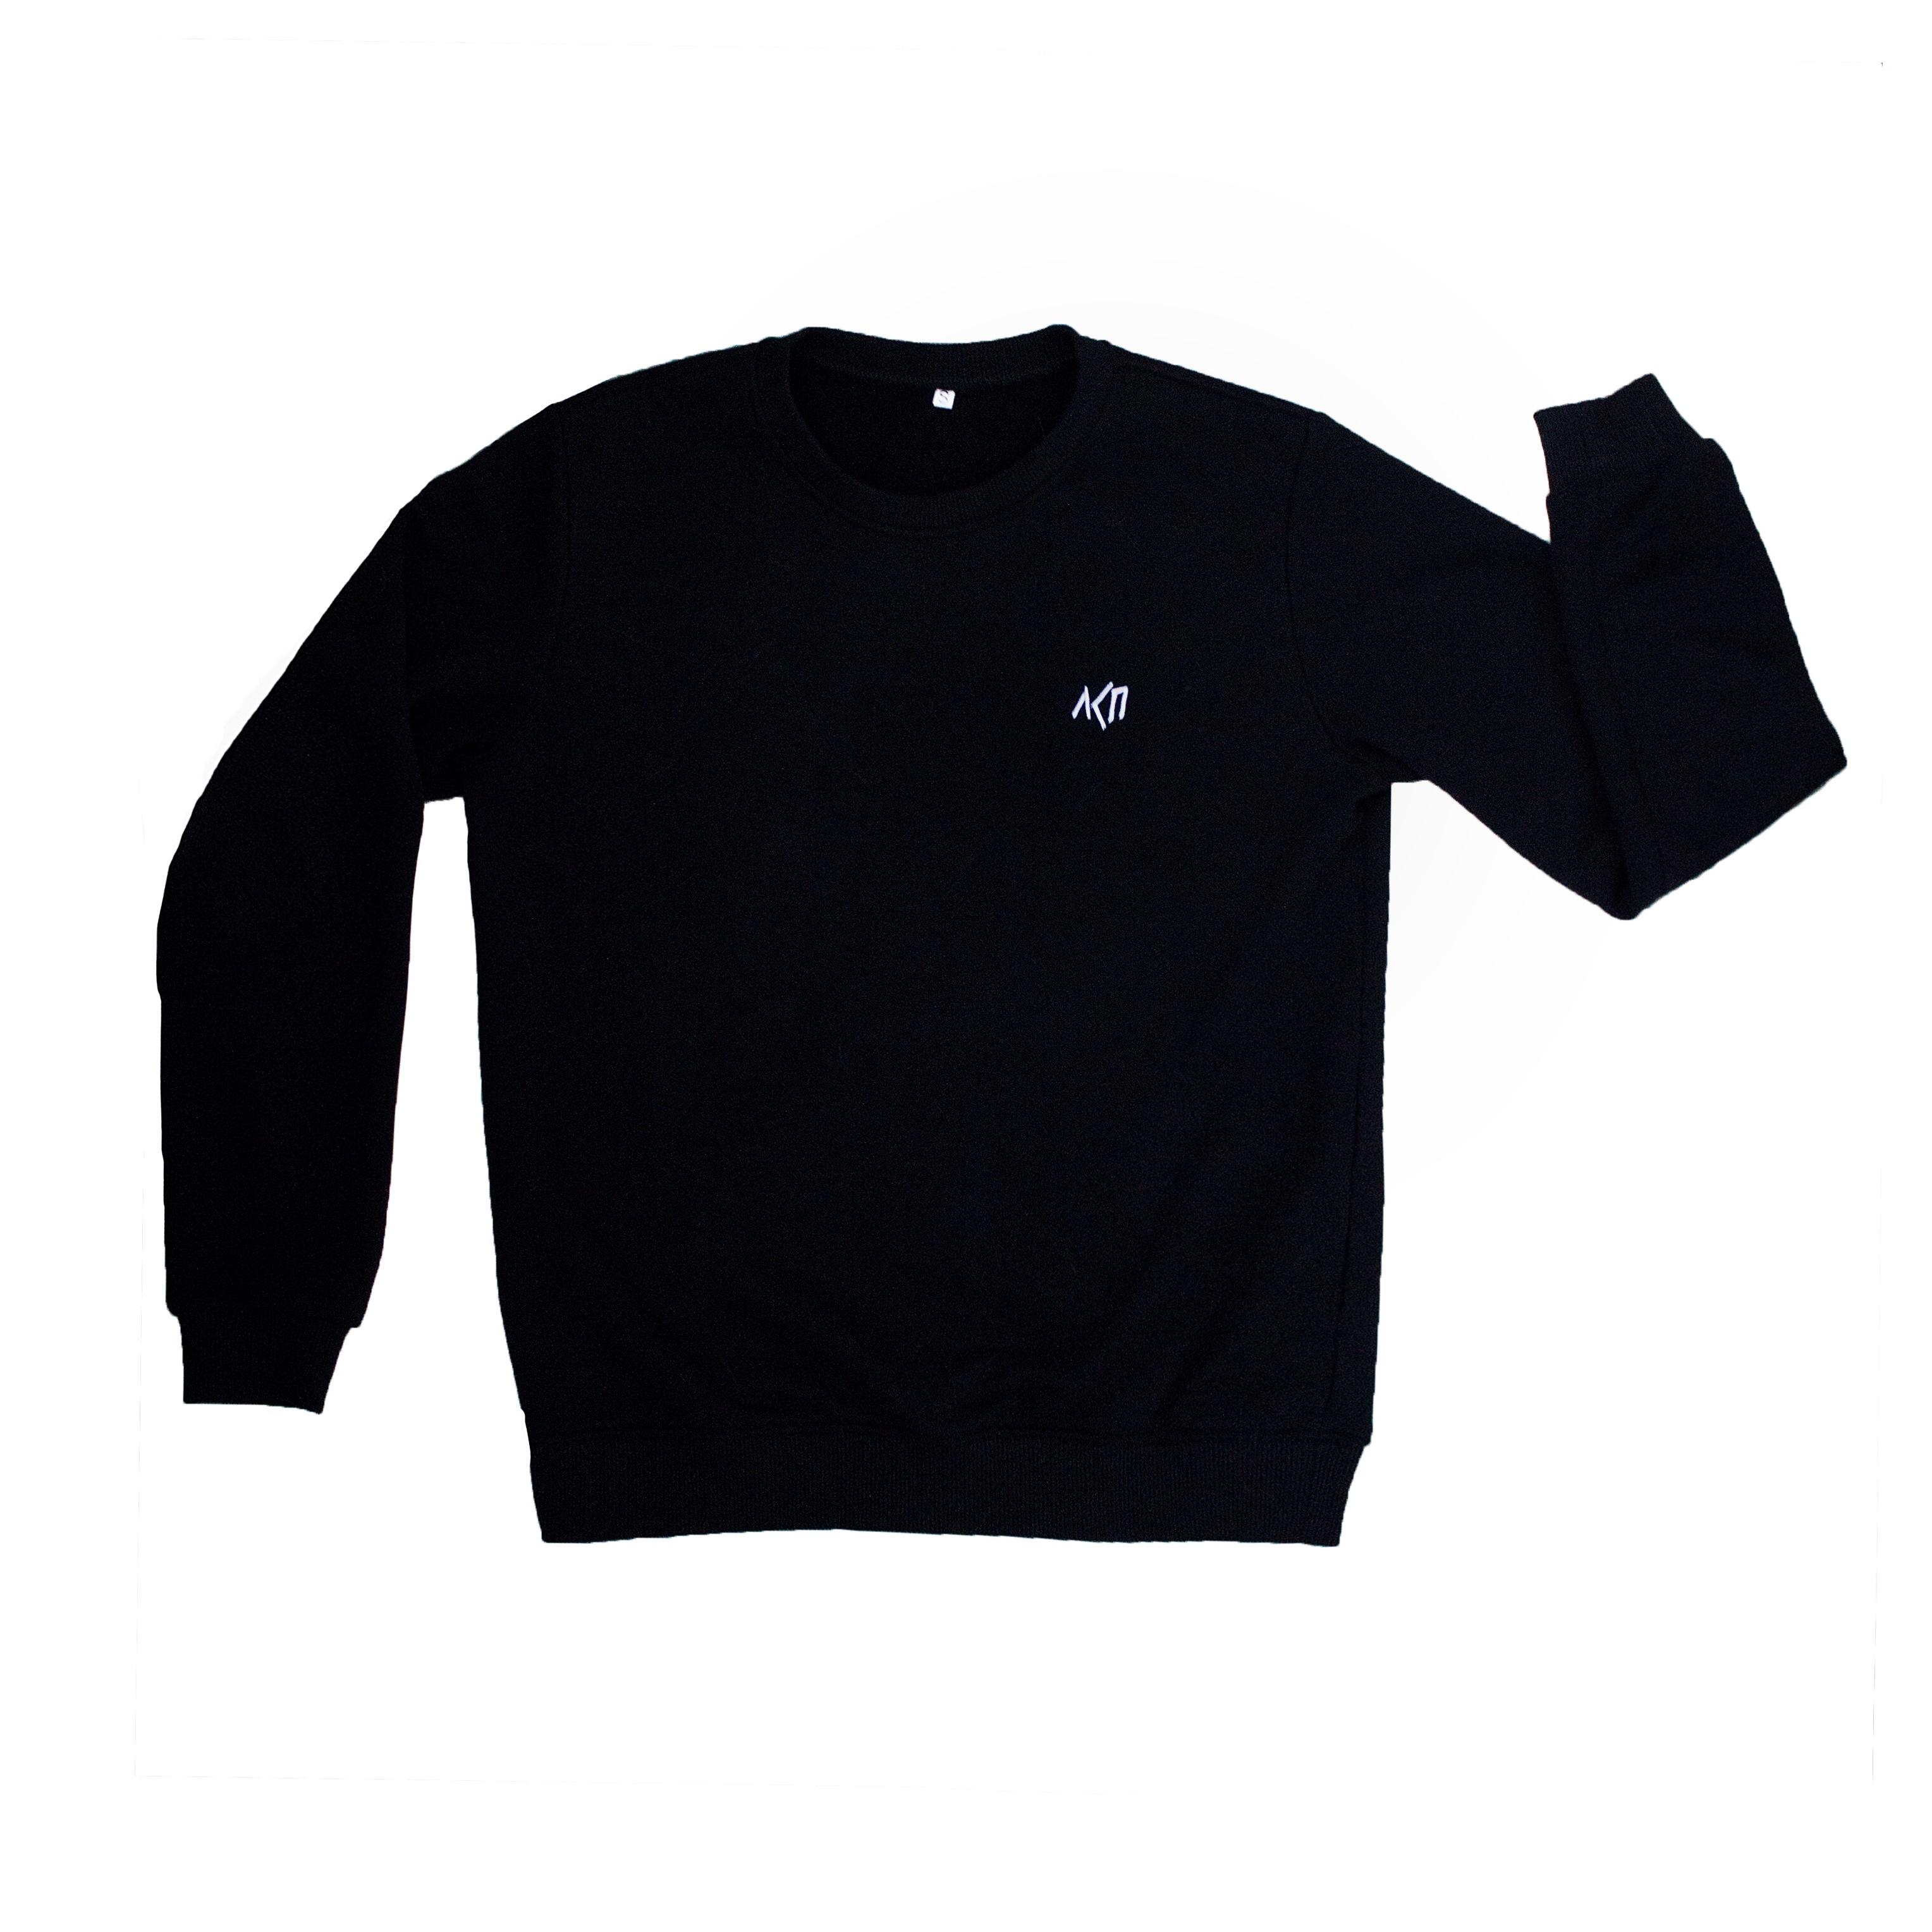 Свитшот лого вышивка классический Размер XXL 00083